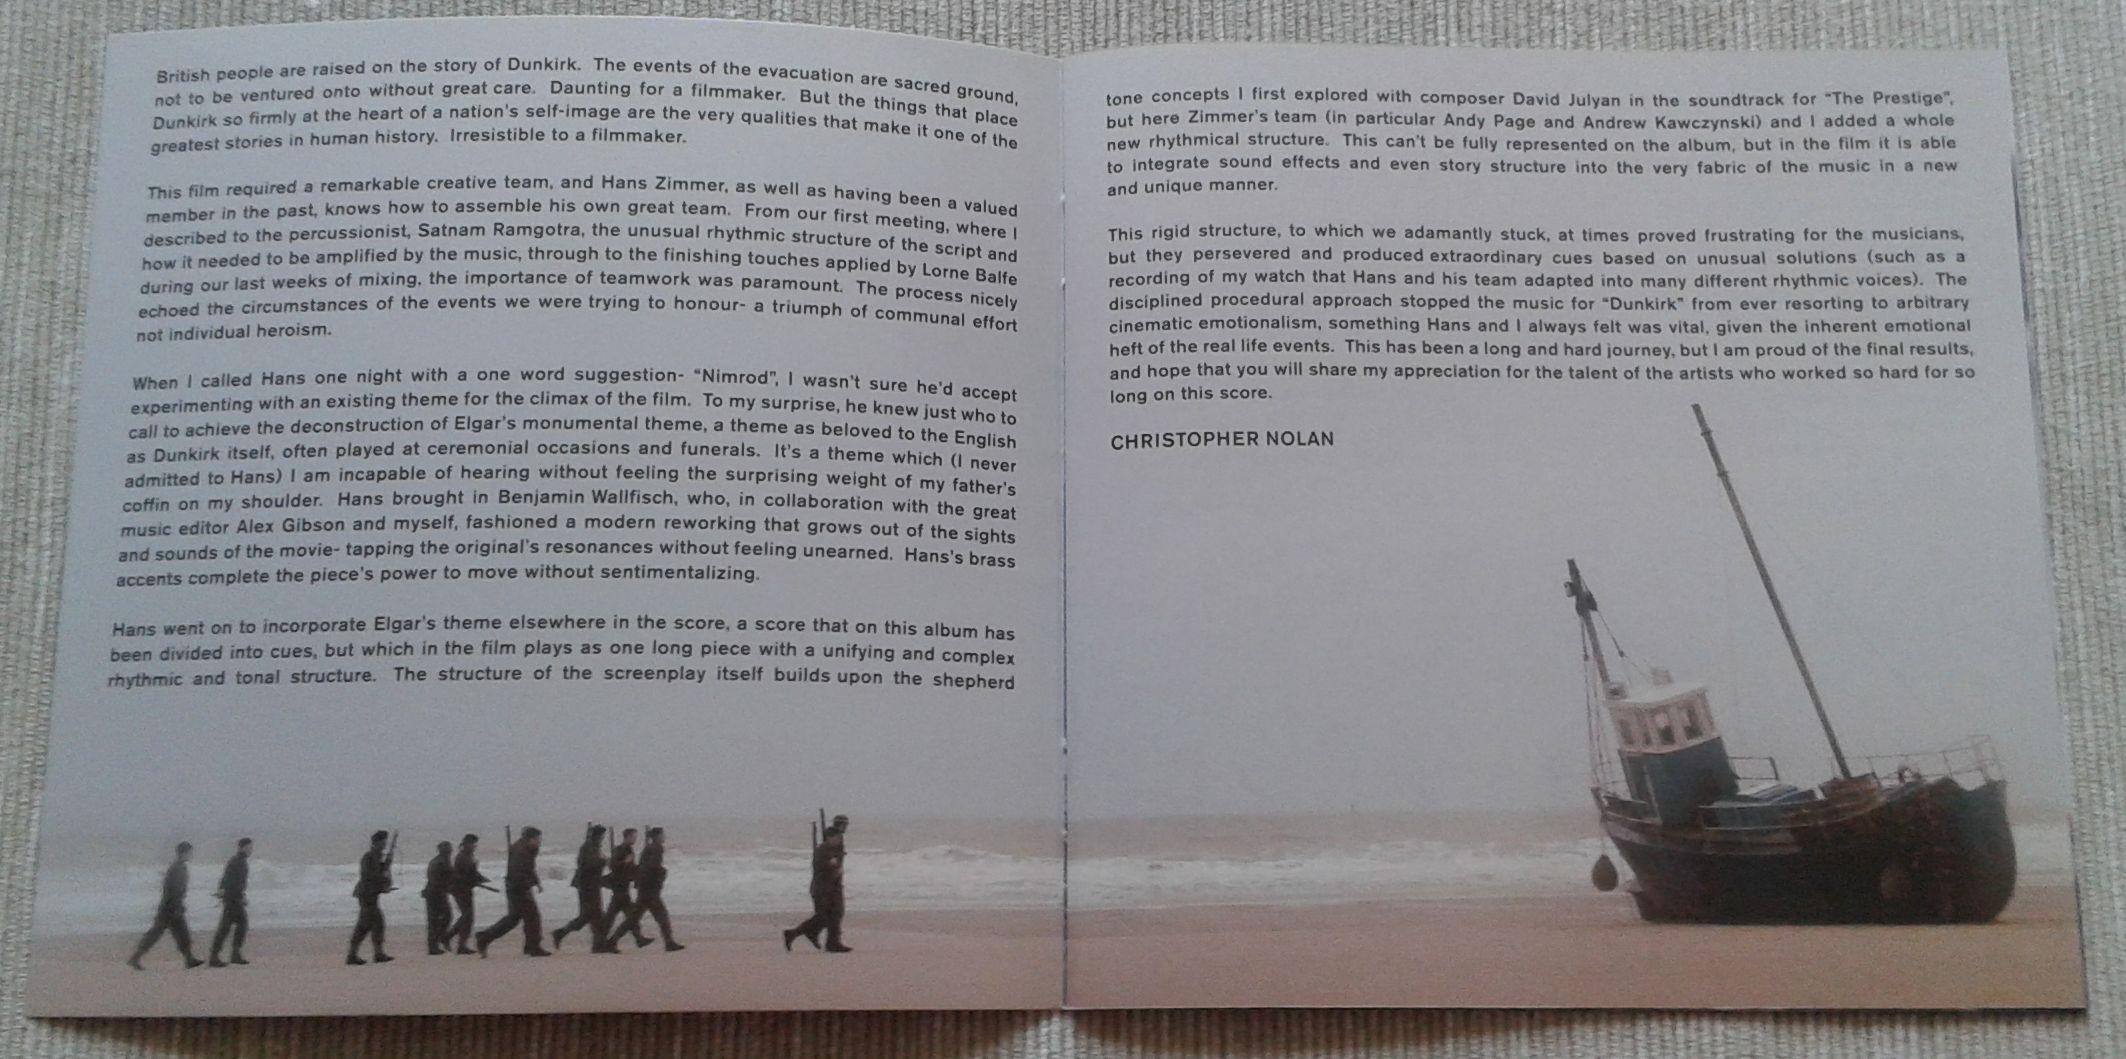 6. Dunkirk booklet 2.jpg